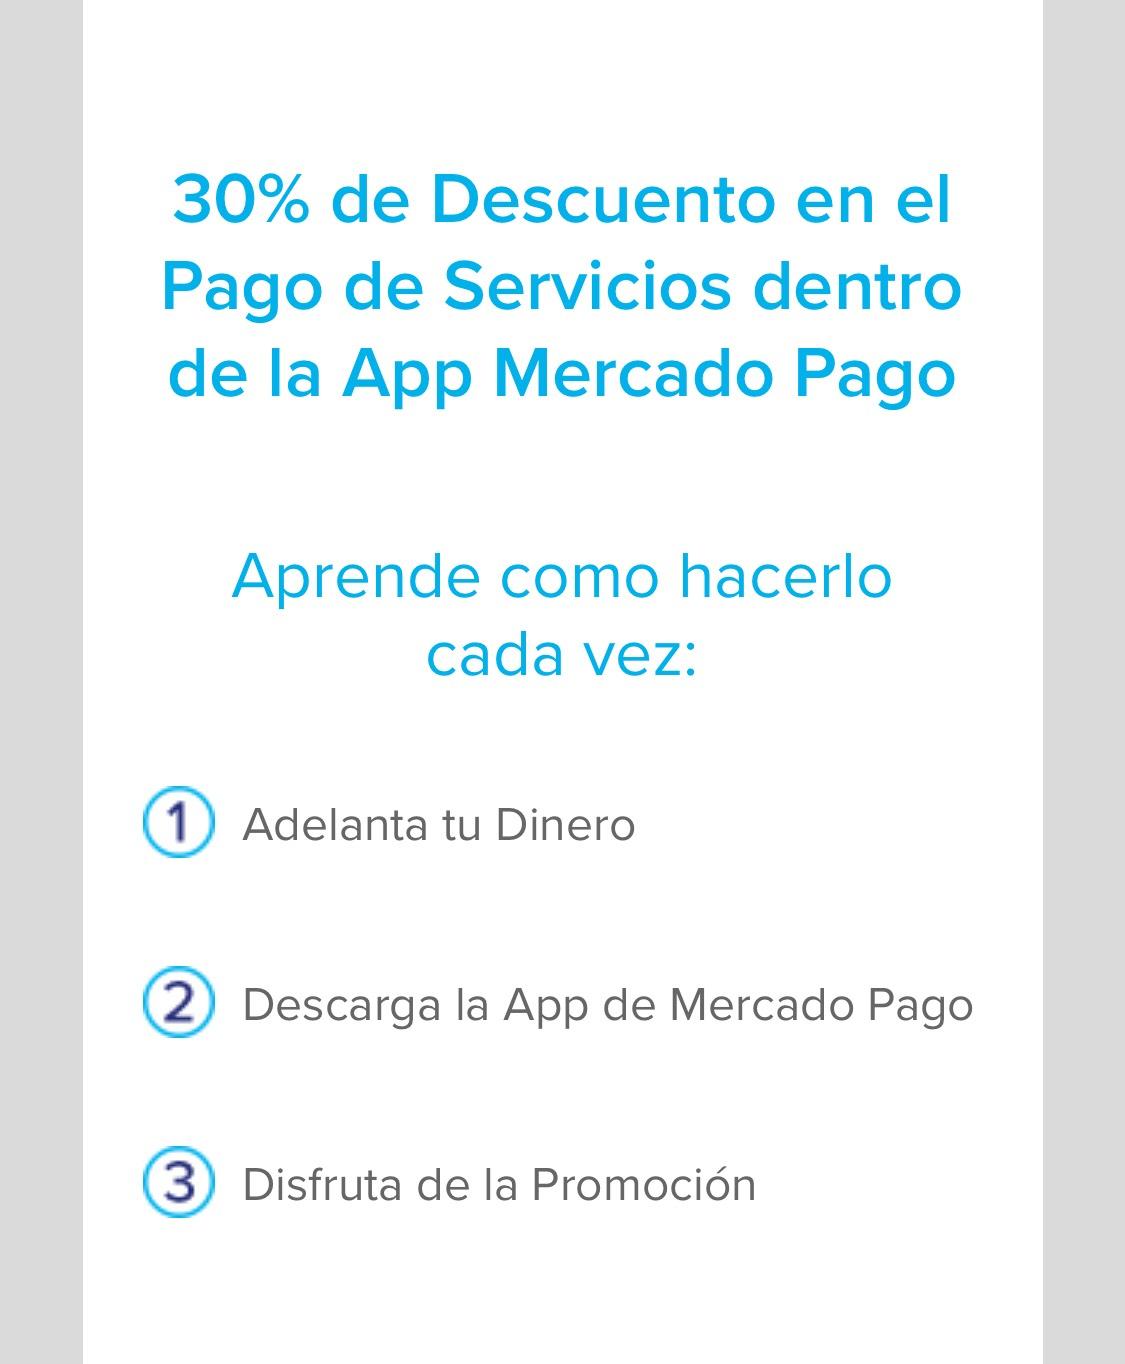 MERCADO PAGO. Pago de Servicios 30%, si adelantas tu dinero. USUARIOS NUEVOS